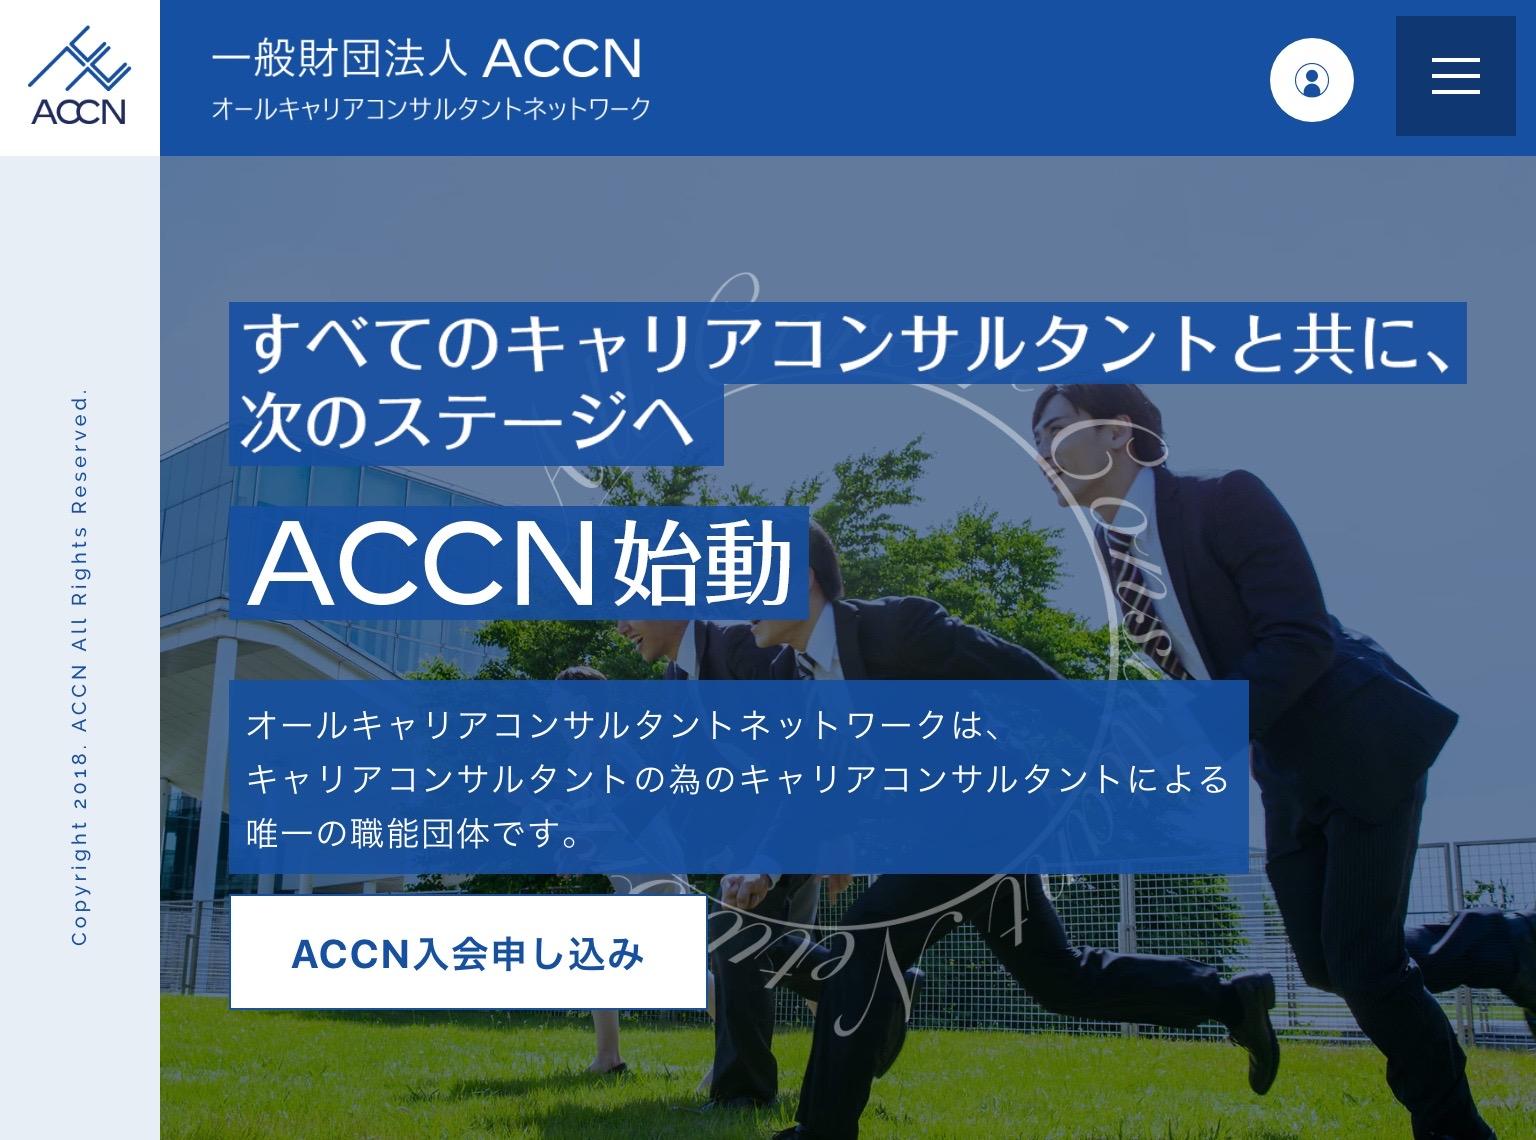 キャリアコンサルタント職能集団「ACCN」設立!